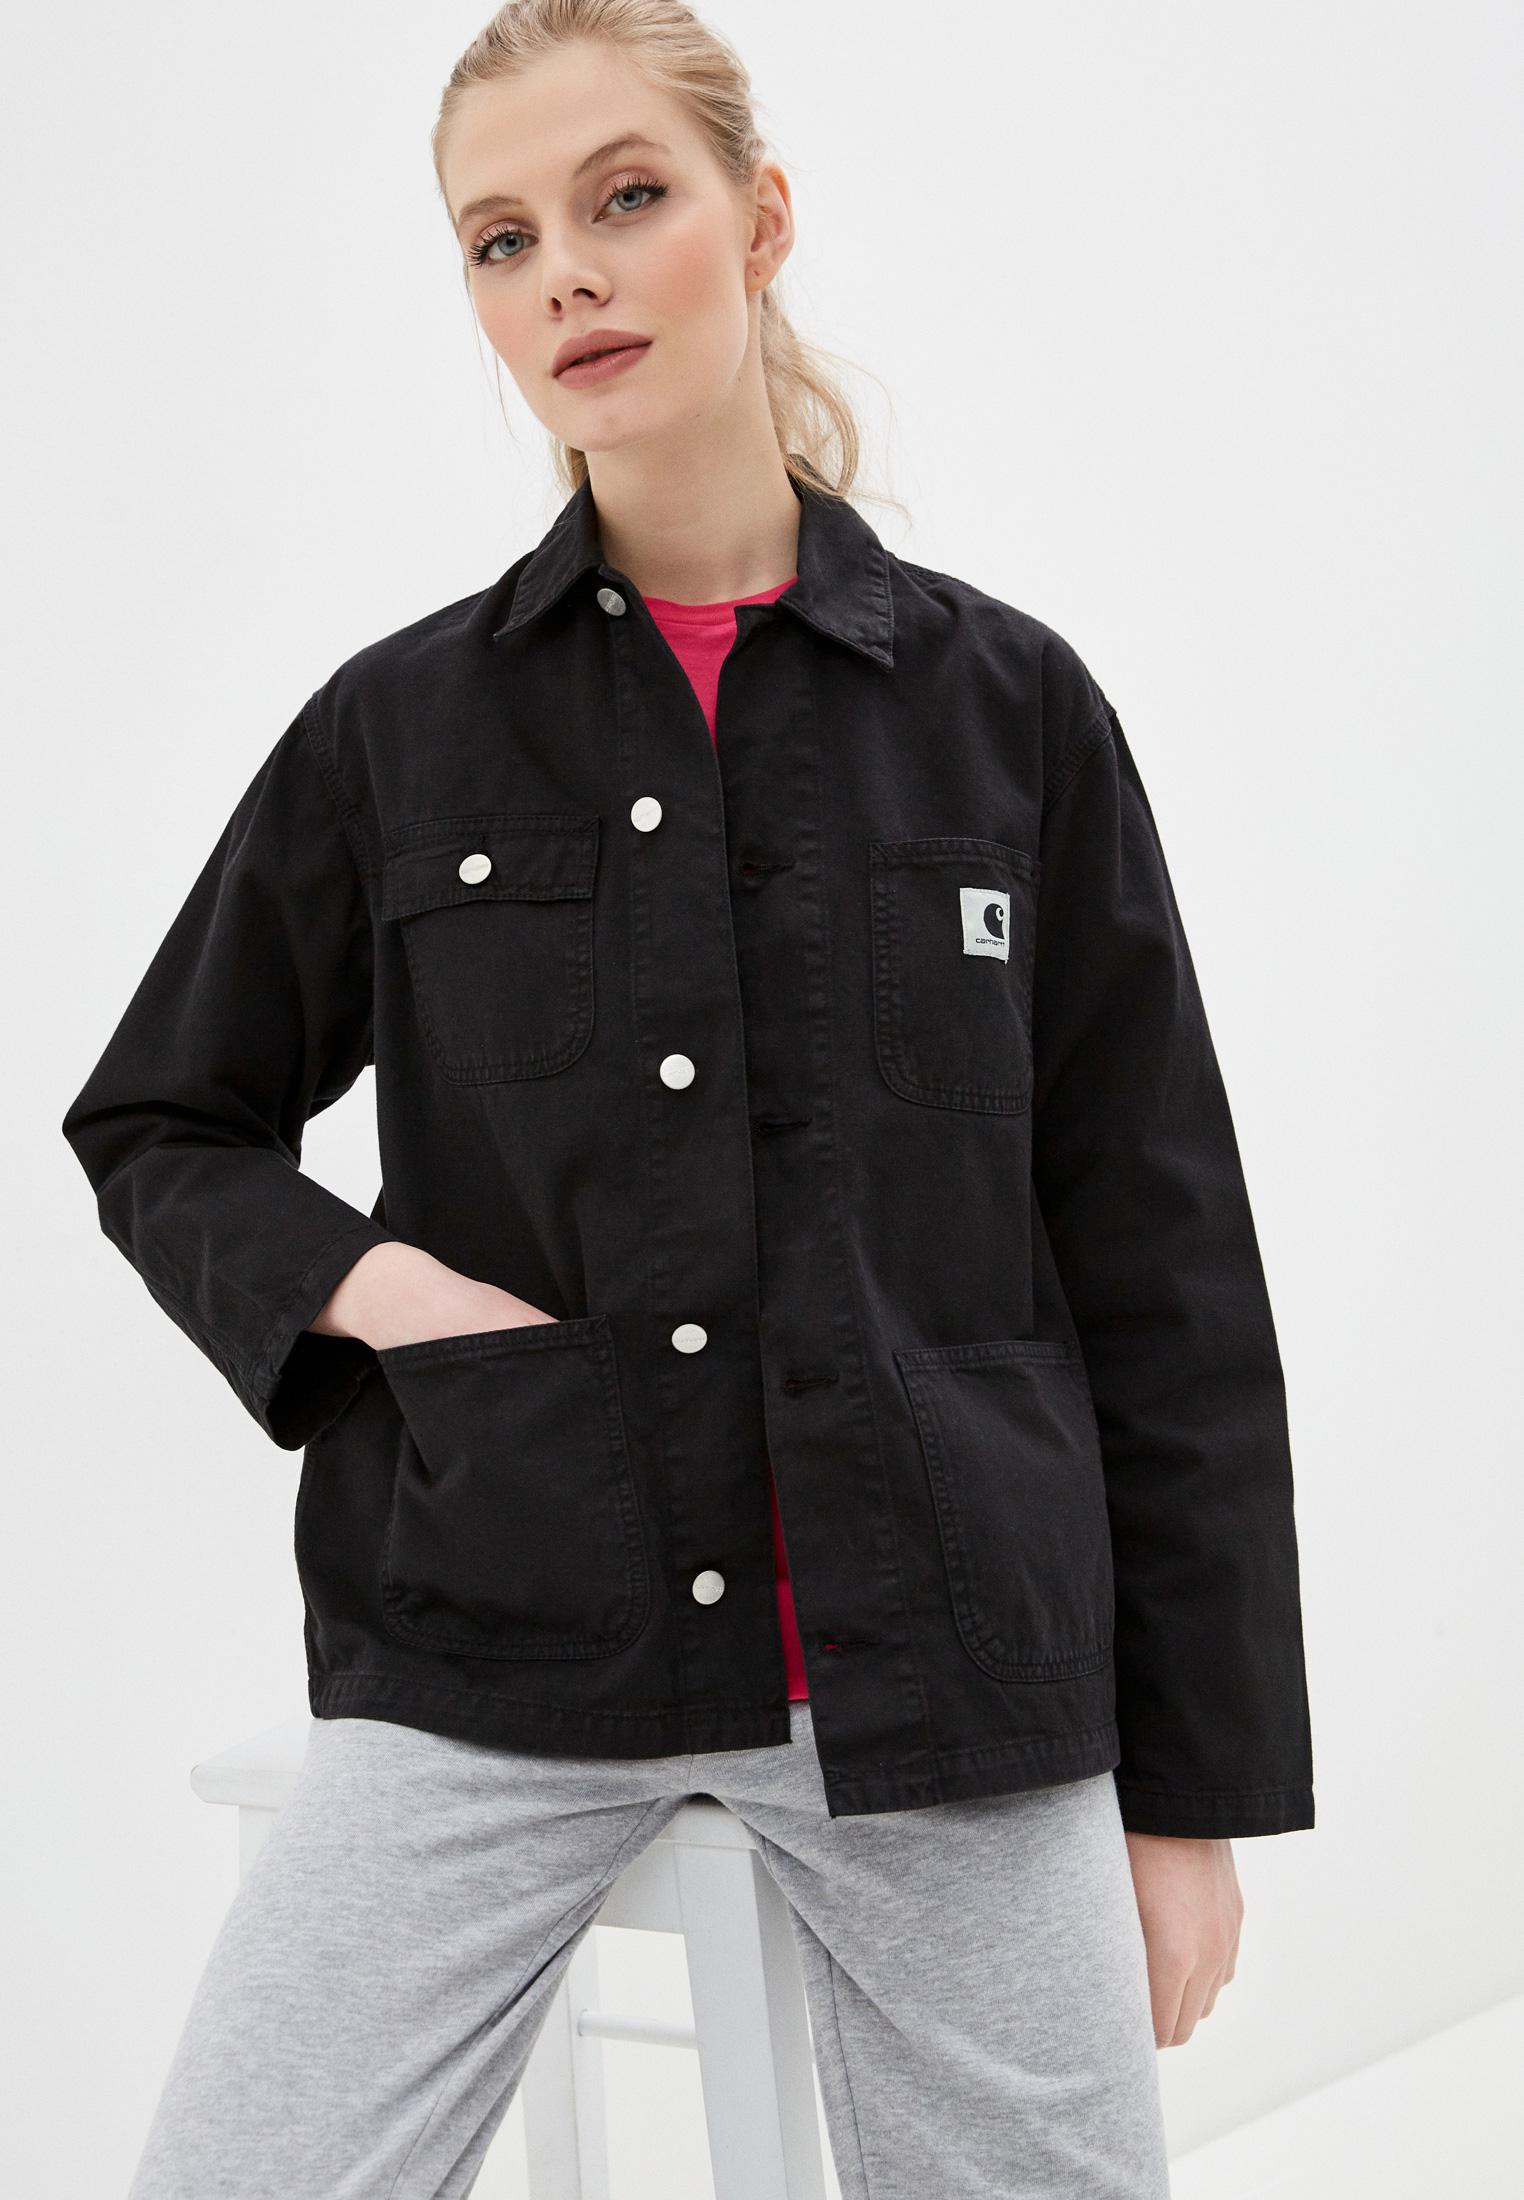 Джинсовая куртка Carhartt WIP Куртка джинсовая Carhartt WIP